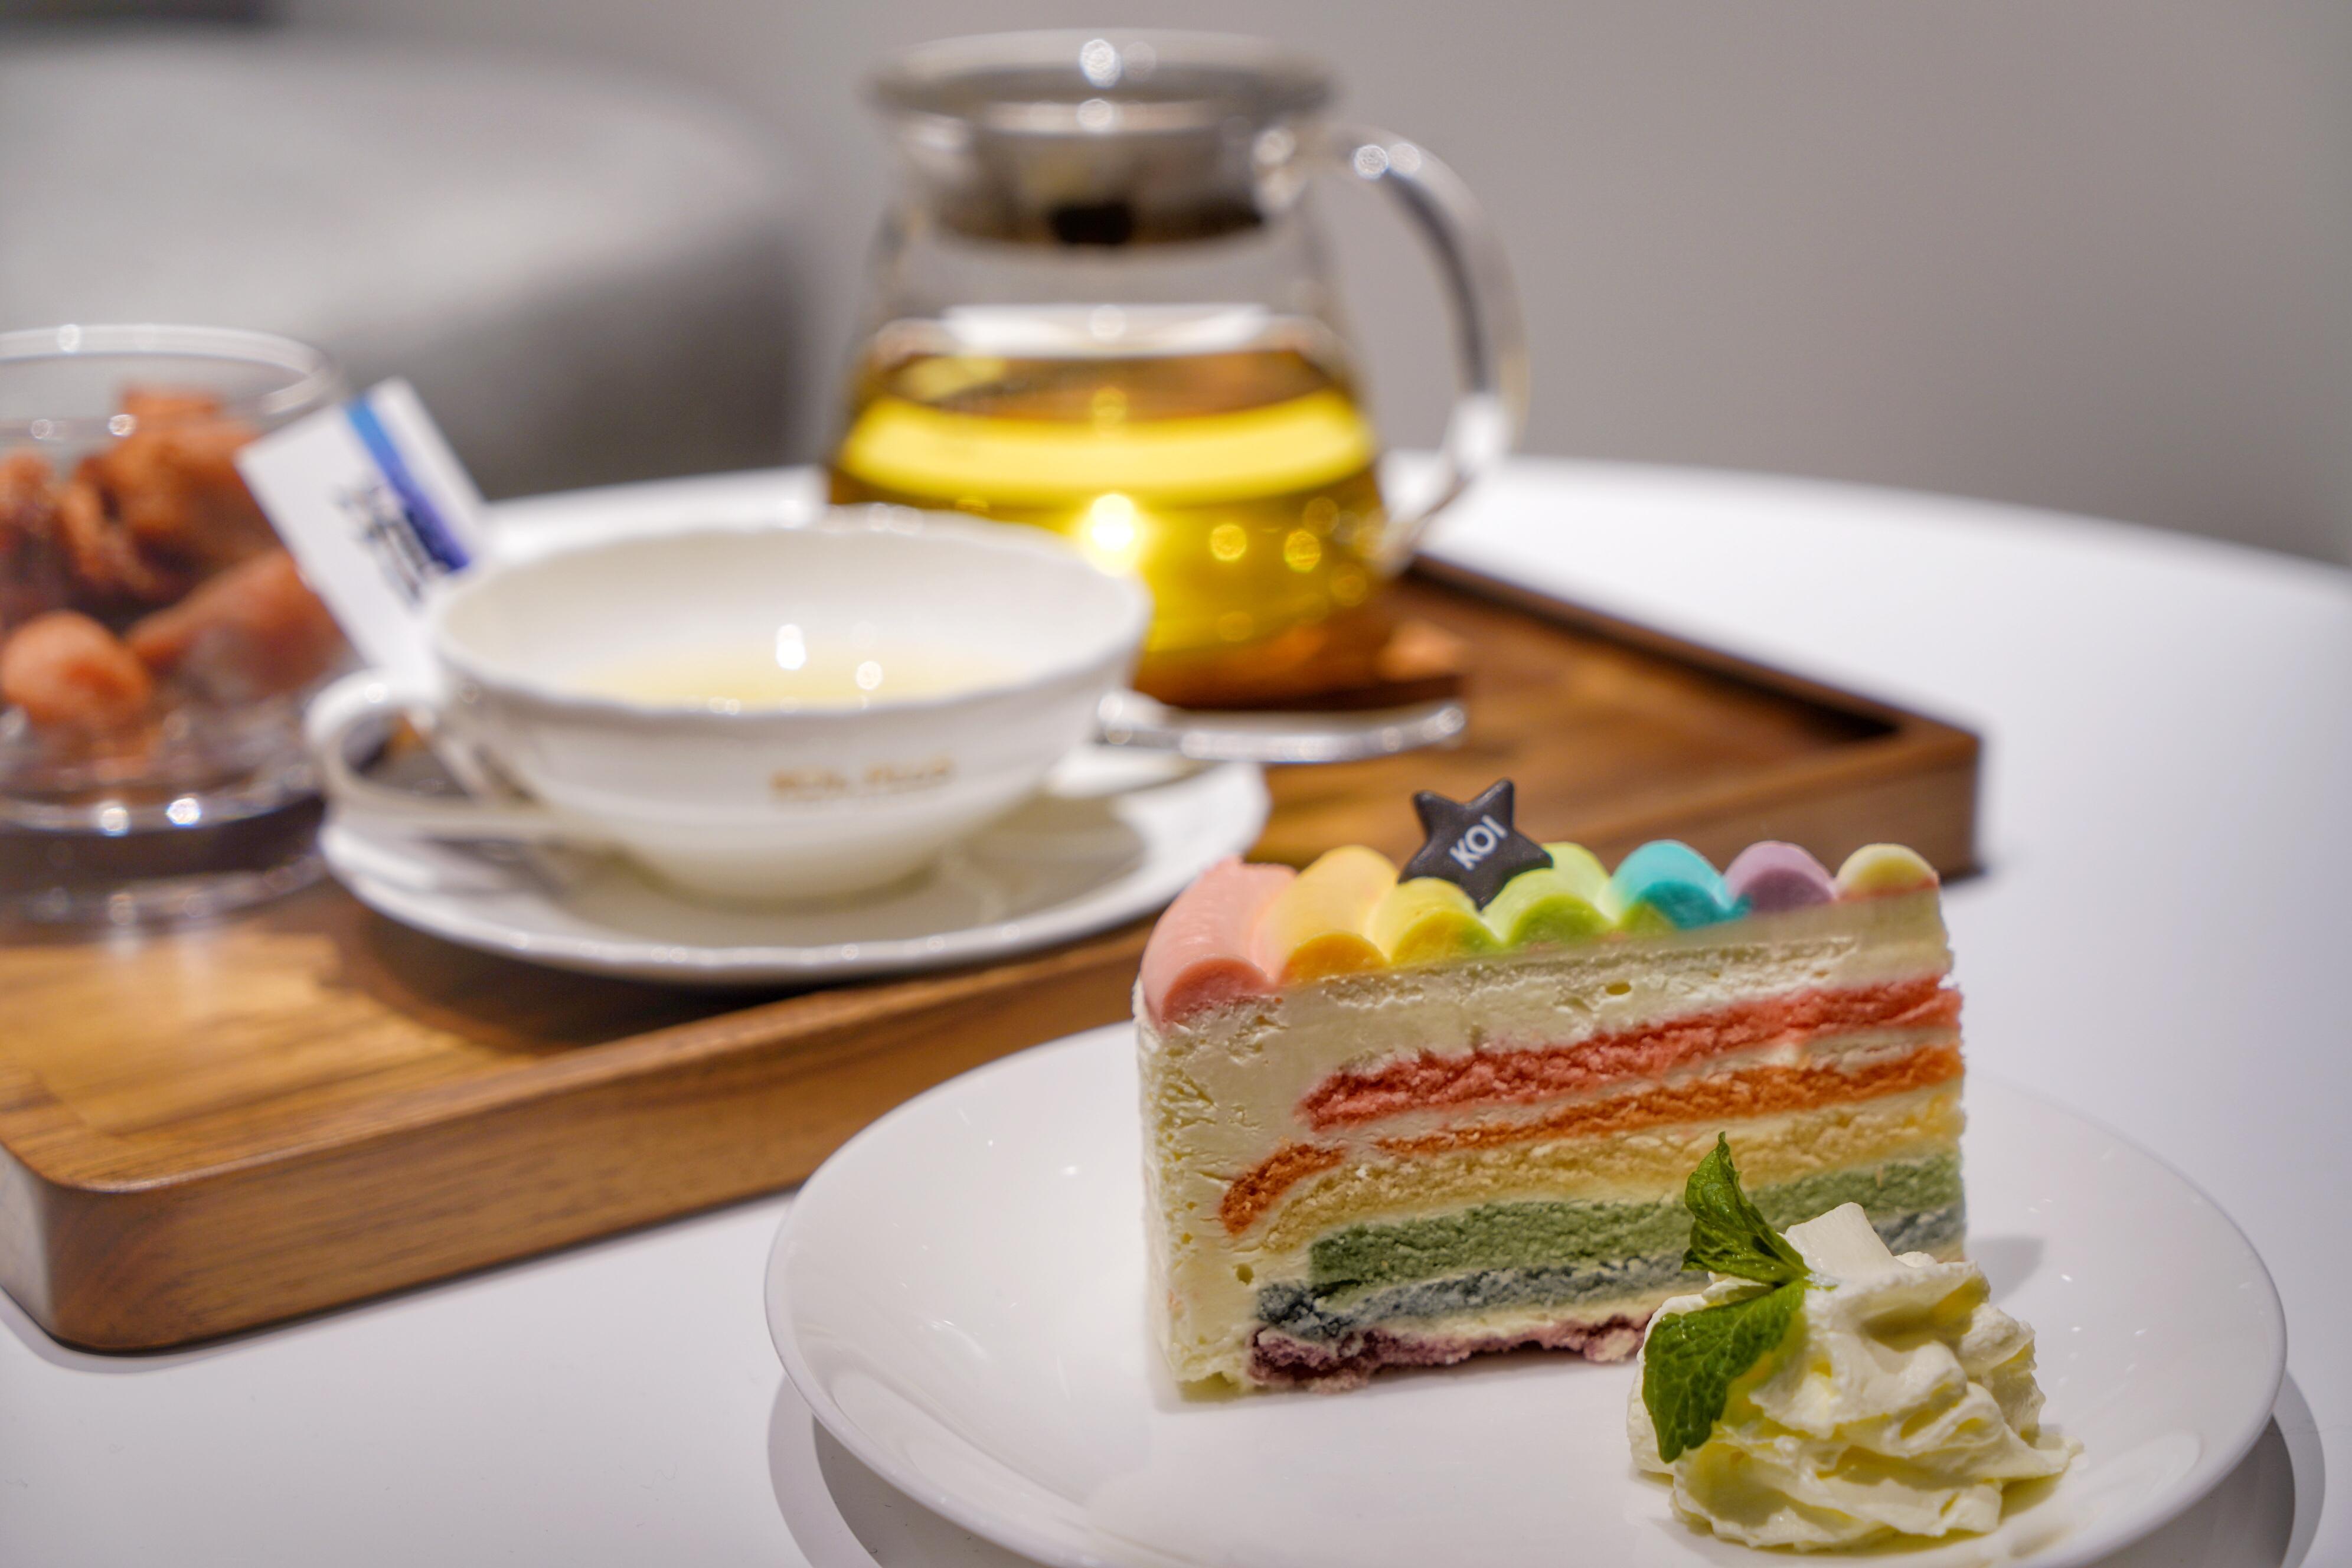 来自台湾家喻户晓的奶茶店,推出升级版系列,改变年轻人的泡茶方式!